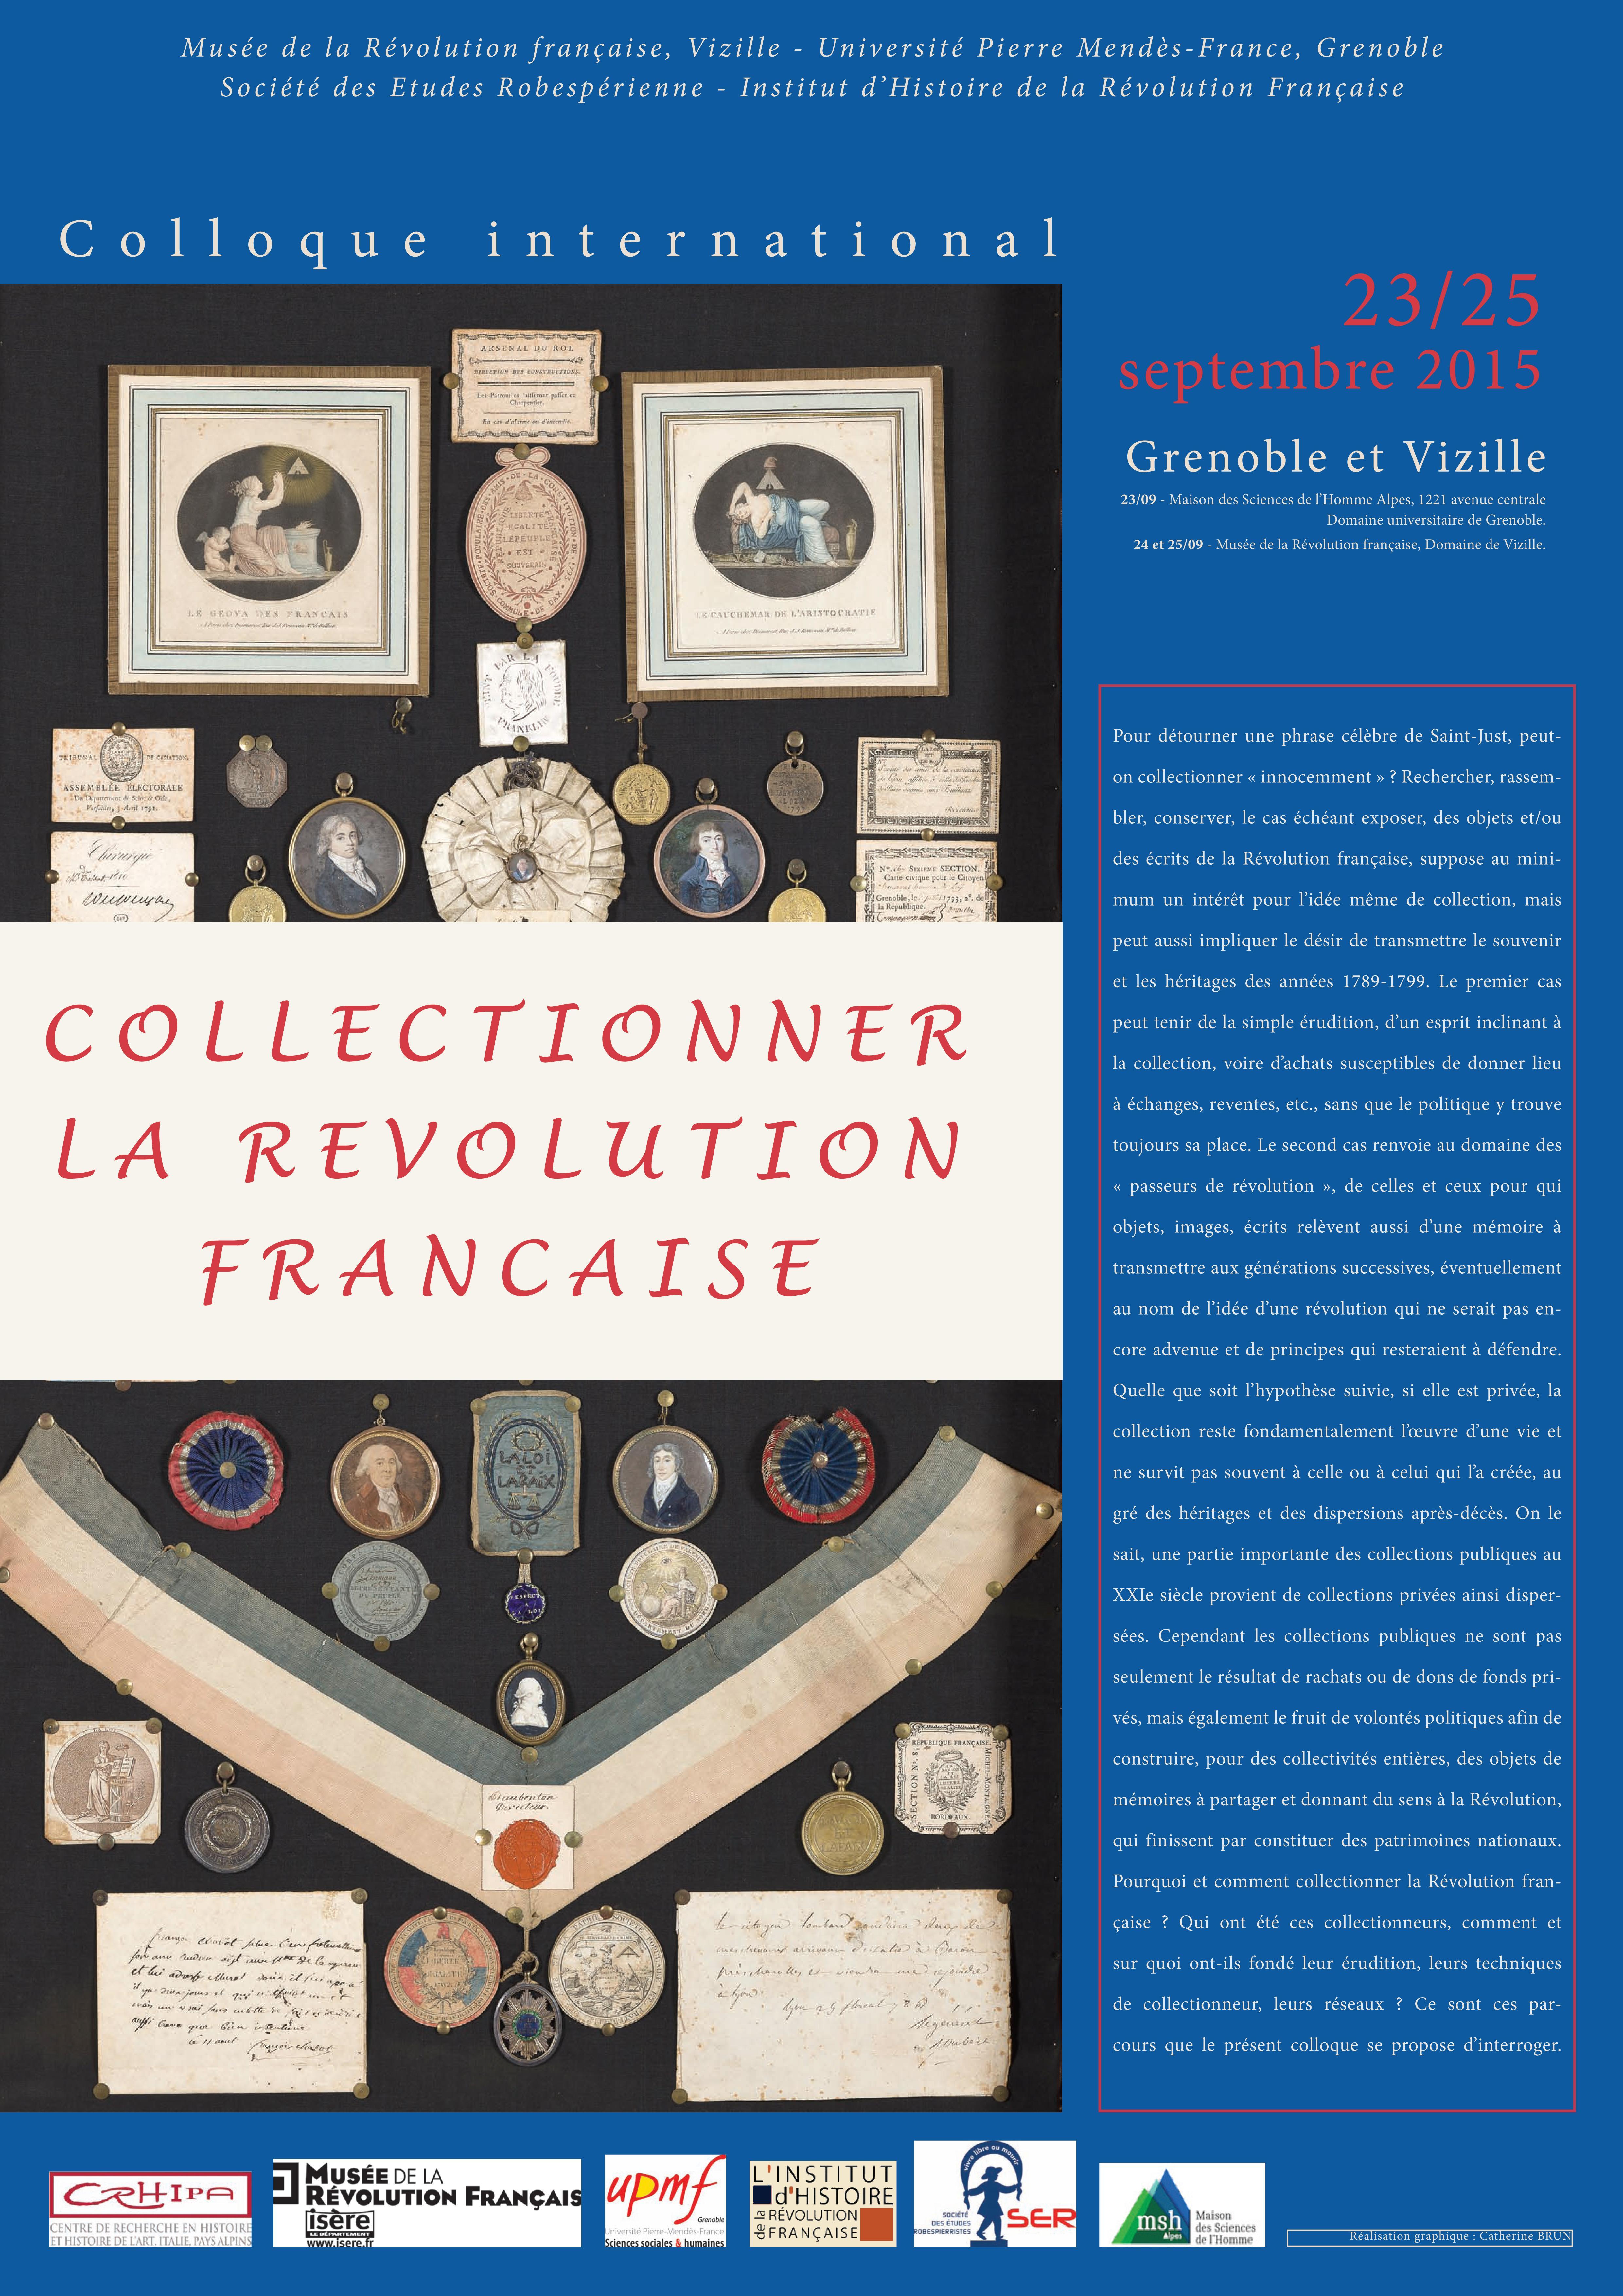 Collectionner la Révolution française © Département de l'Isère / Domaine de Vizille